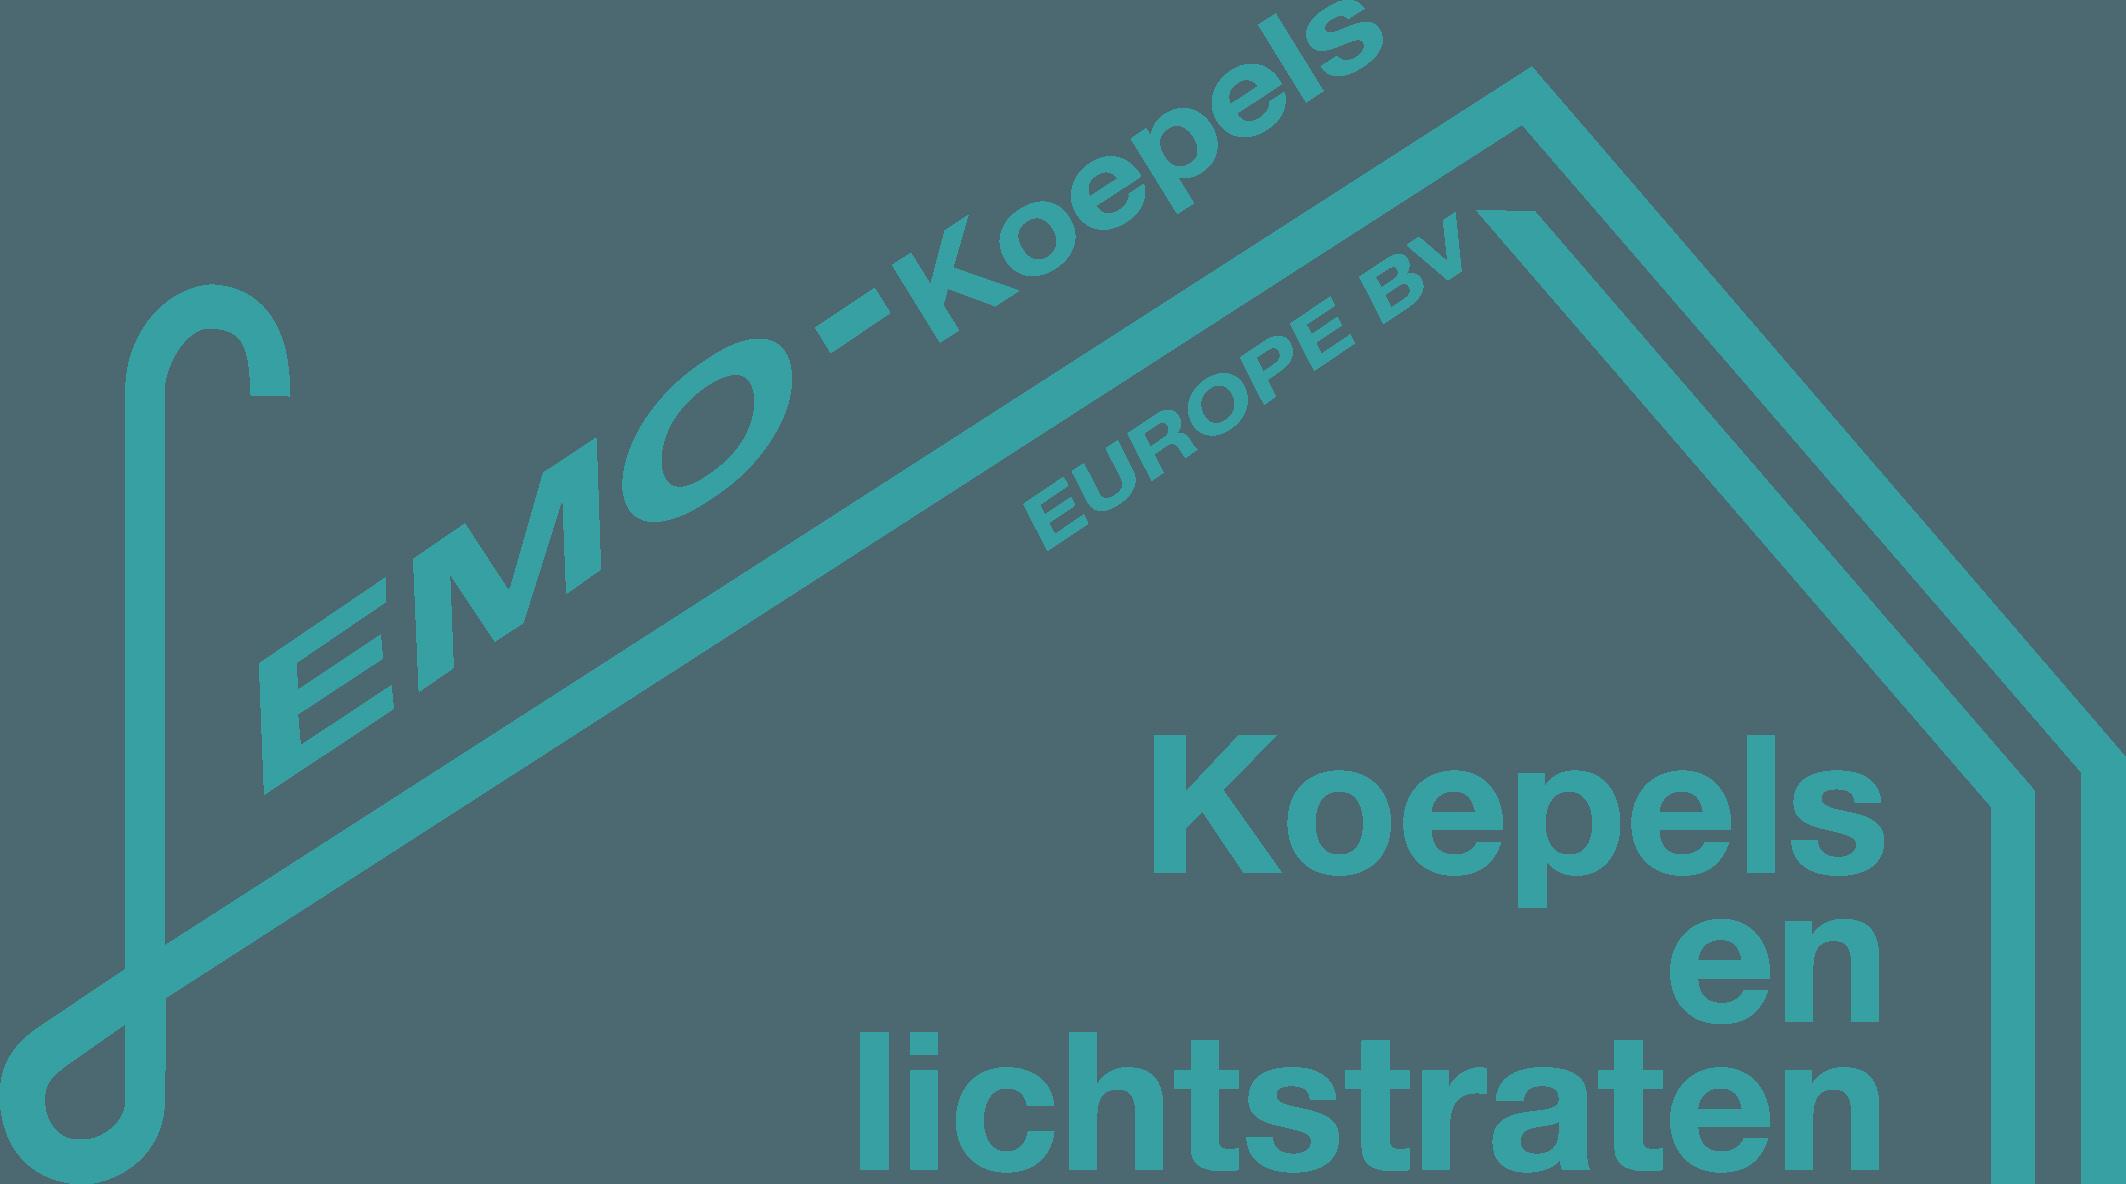 Lemo Koepels